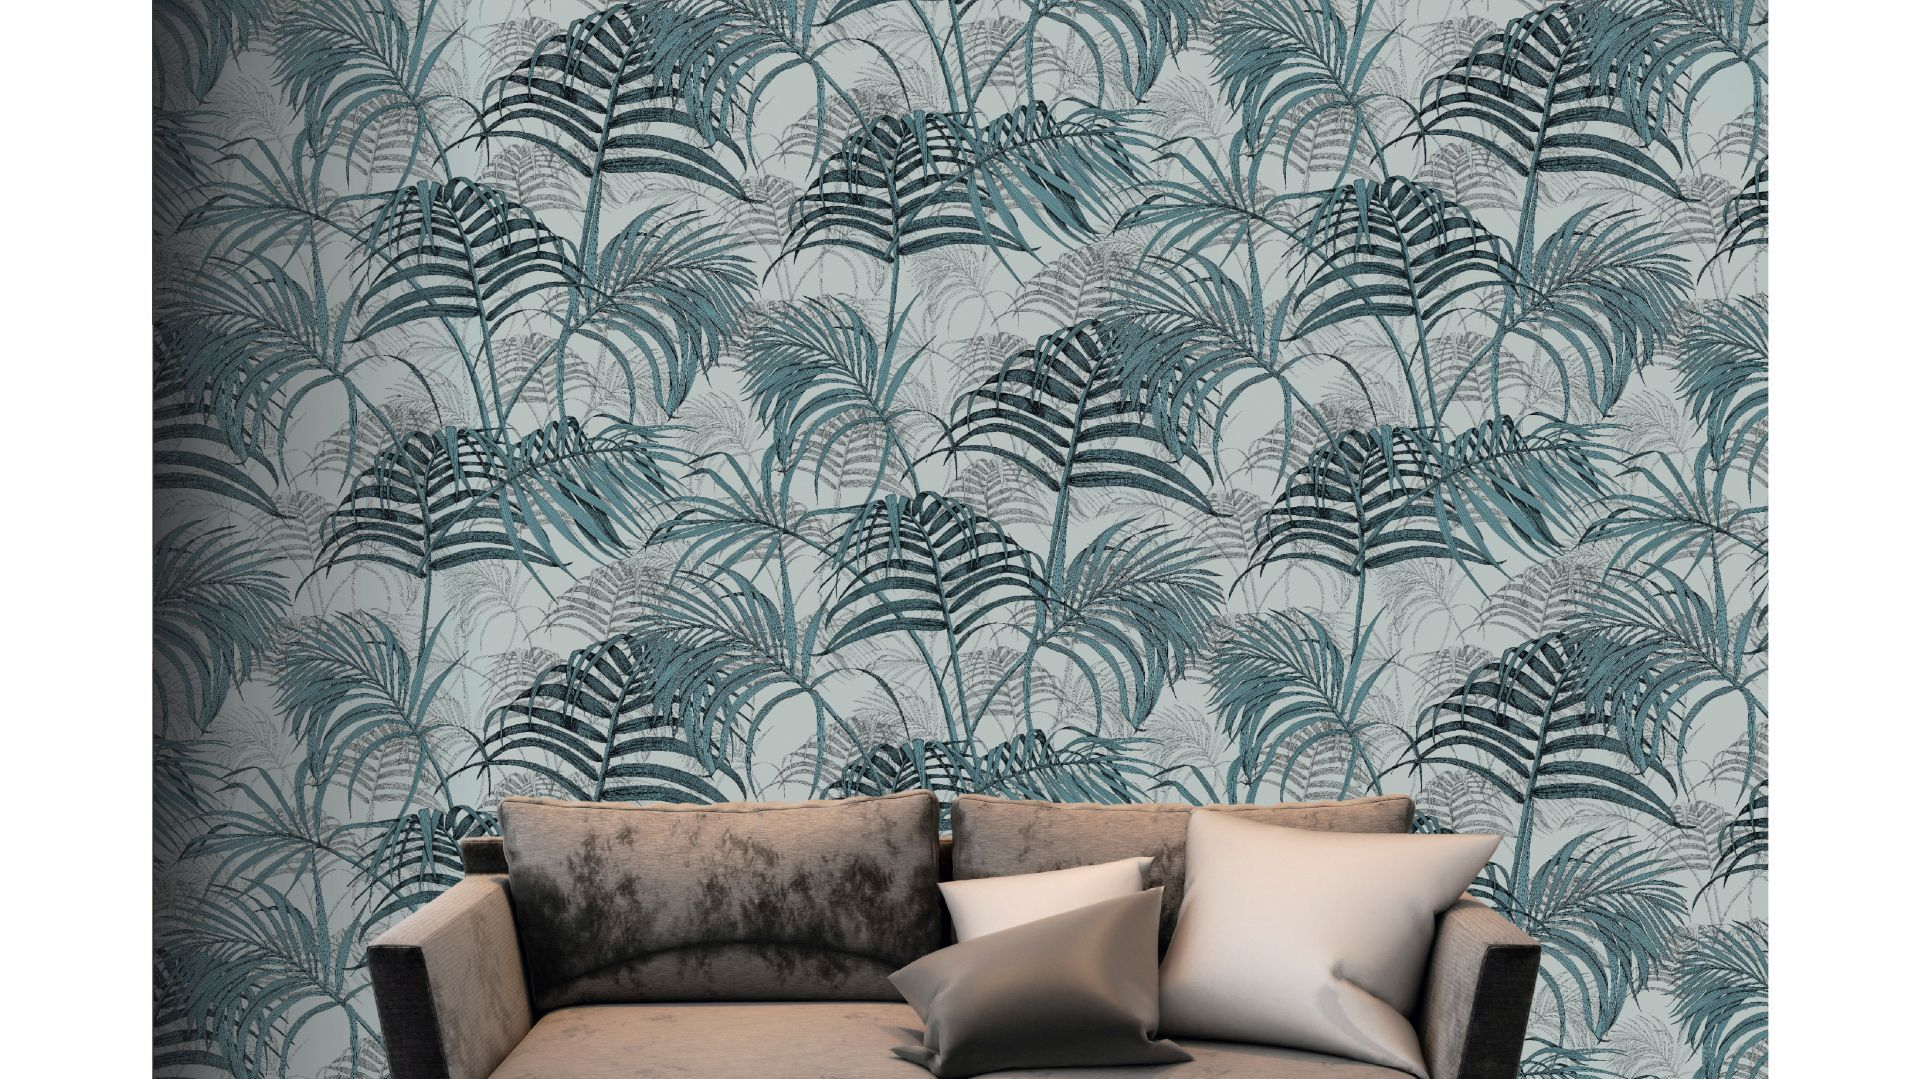 Kolekcja eleganckich tekstylnych tapet ściennych Fardis Muraspec zainspirowana mitycznym światem Shangri La. Estetyczną osią kolekcji są metafory kwiatowe, bajeczne w swoich formach i barwach. W serii także modny wzór palmowych liści (tapeta Maui) – jako symbol tropikalnego raju na Pacyfiku. Fot. Muraspec